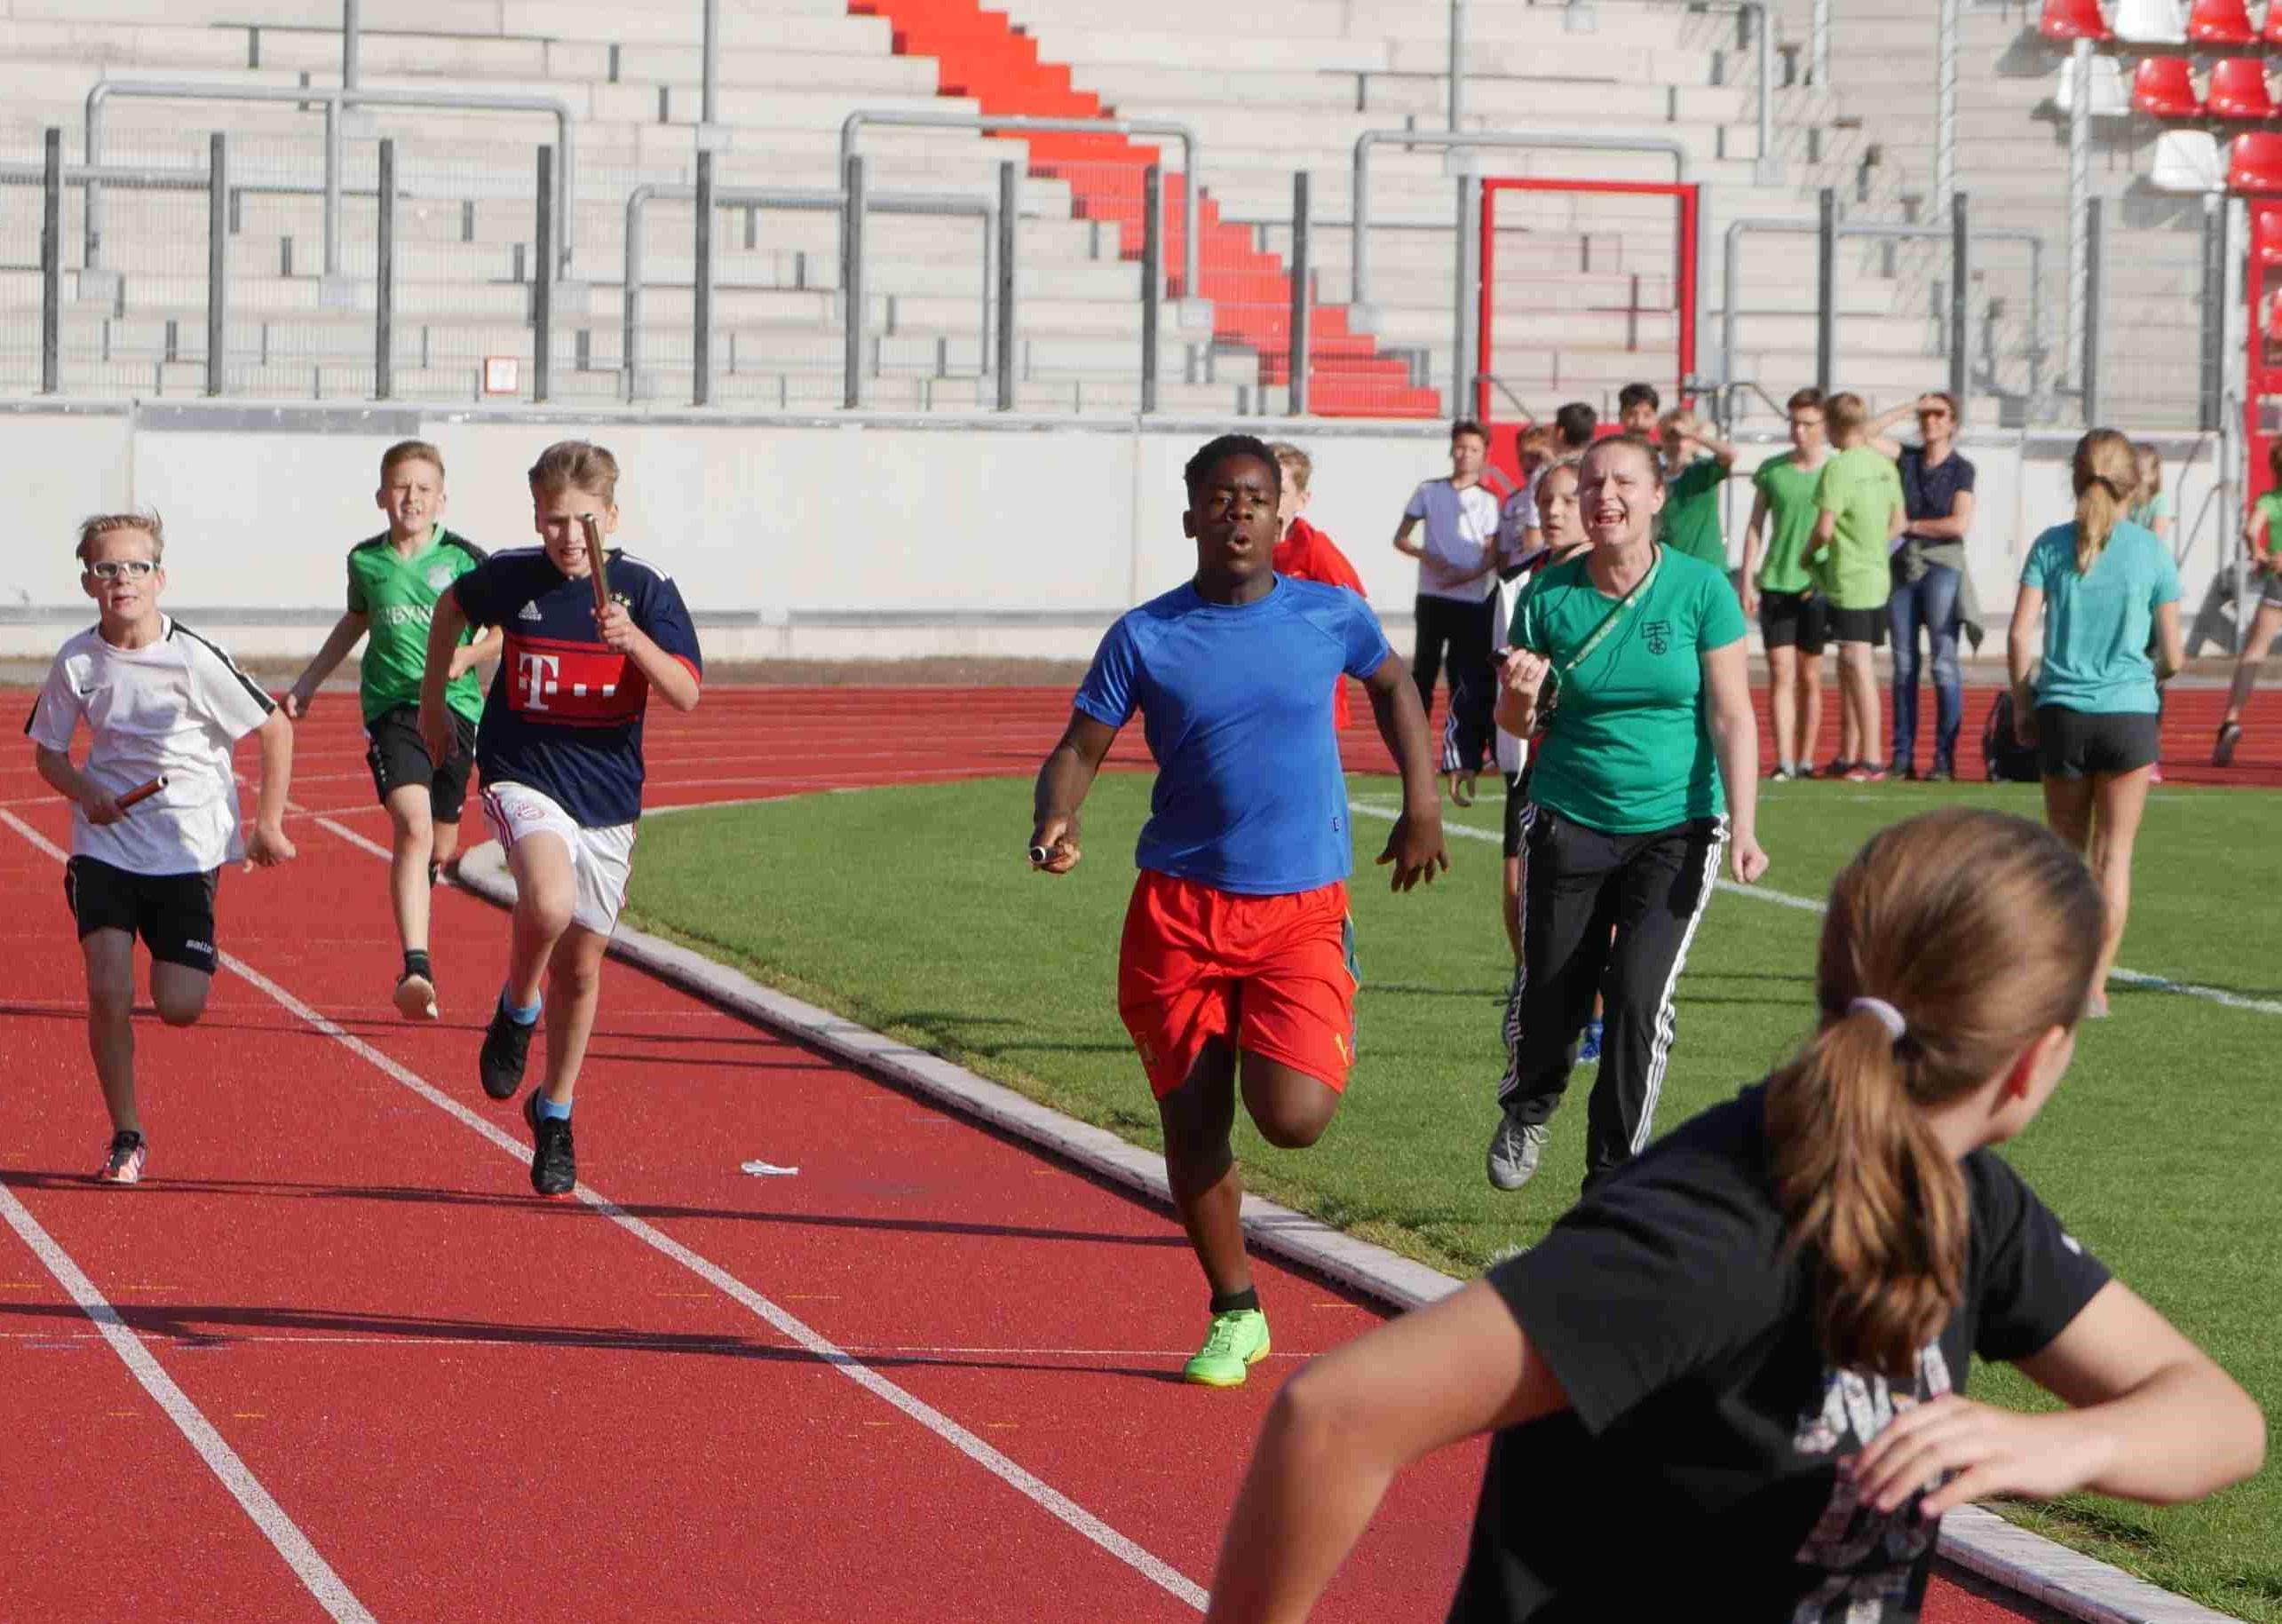 Hoch, schnell und weit ging es beim Leichtathletiktag